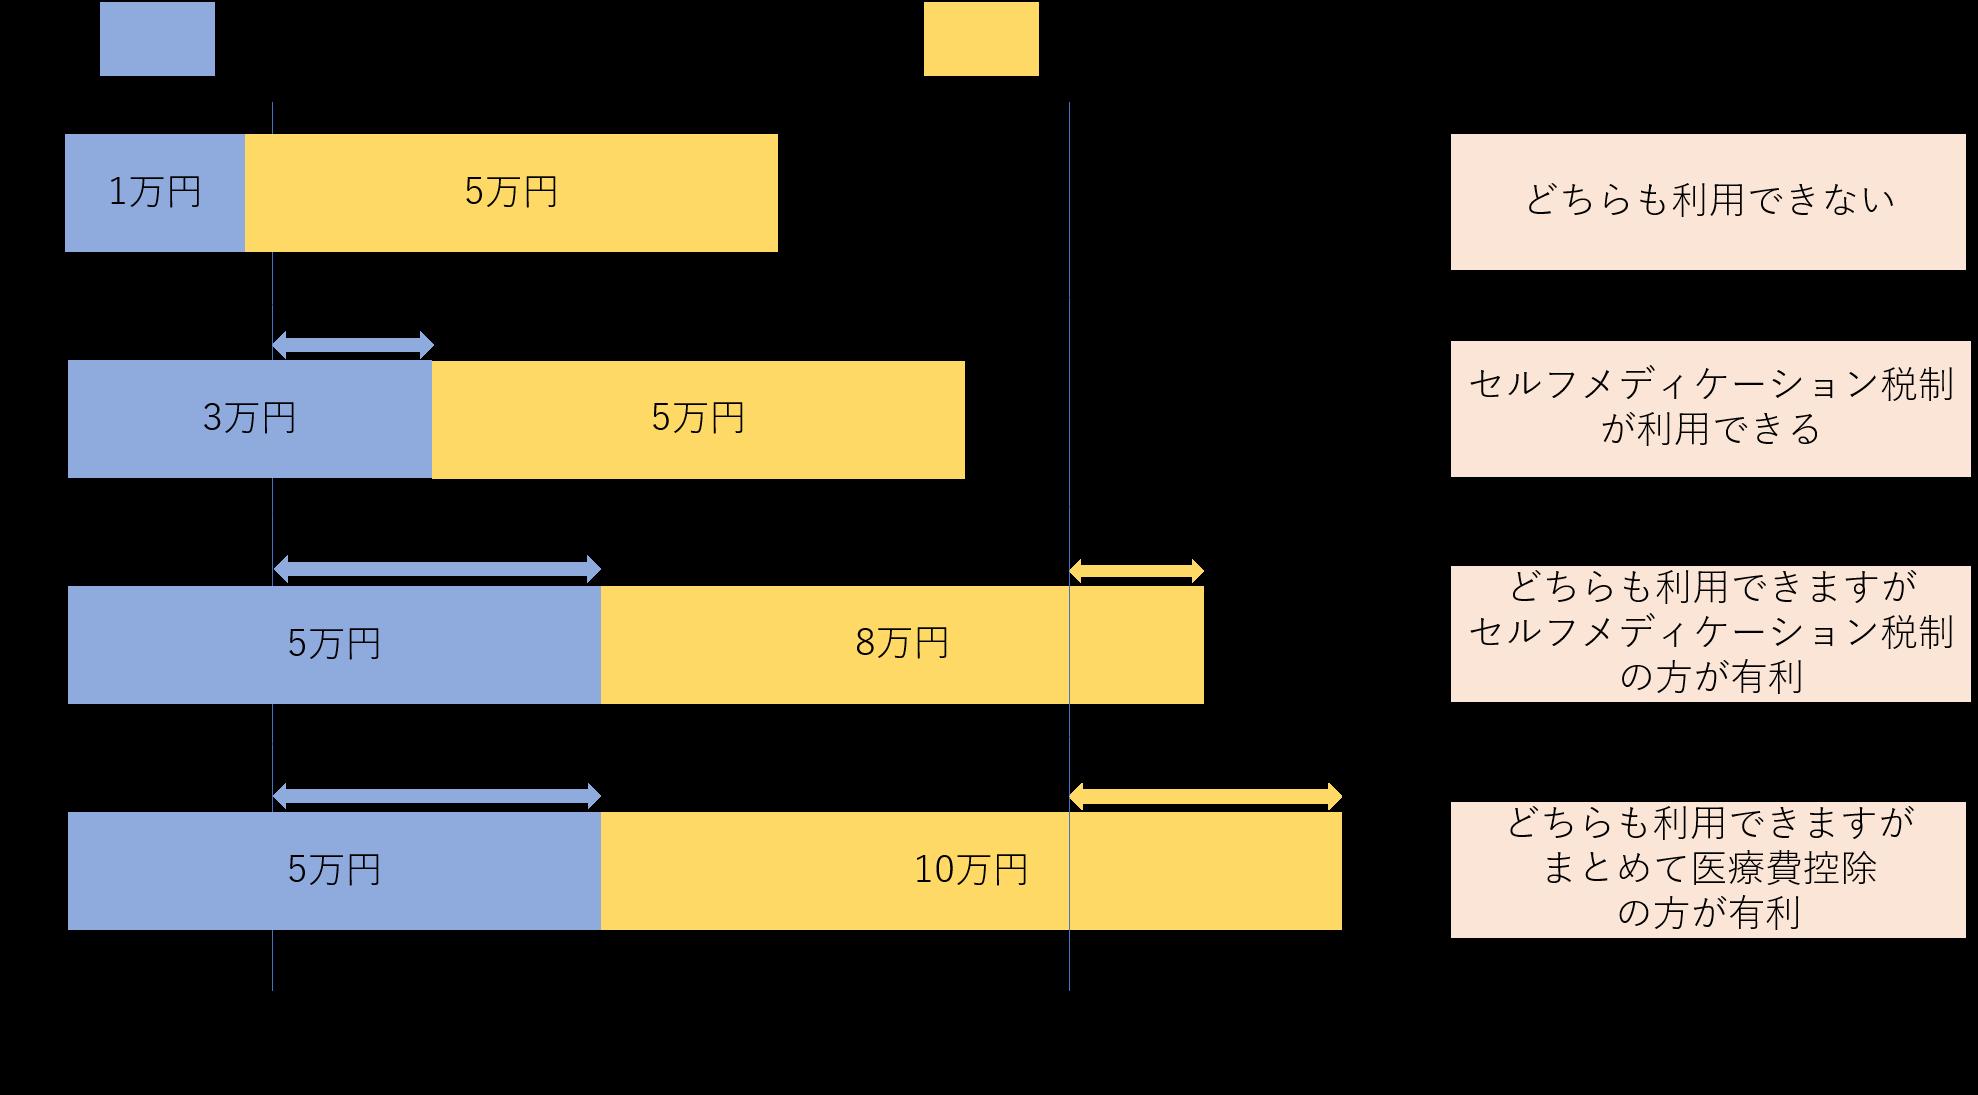 セルフメディケーション税制グラフ